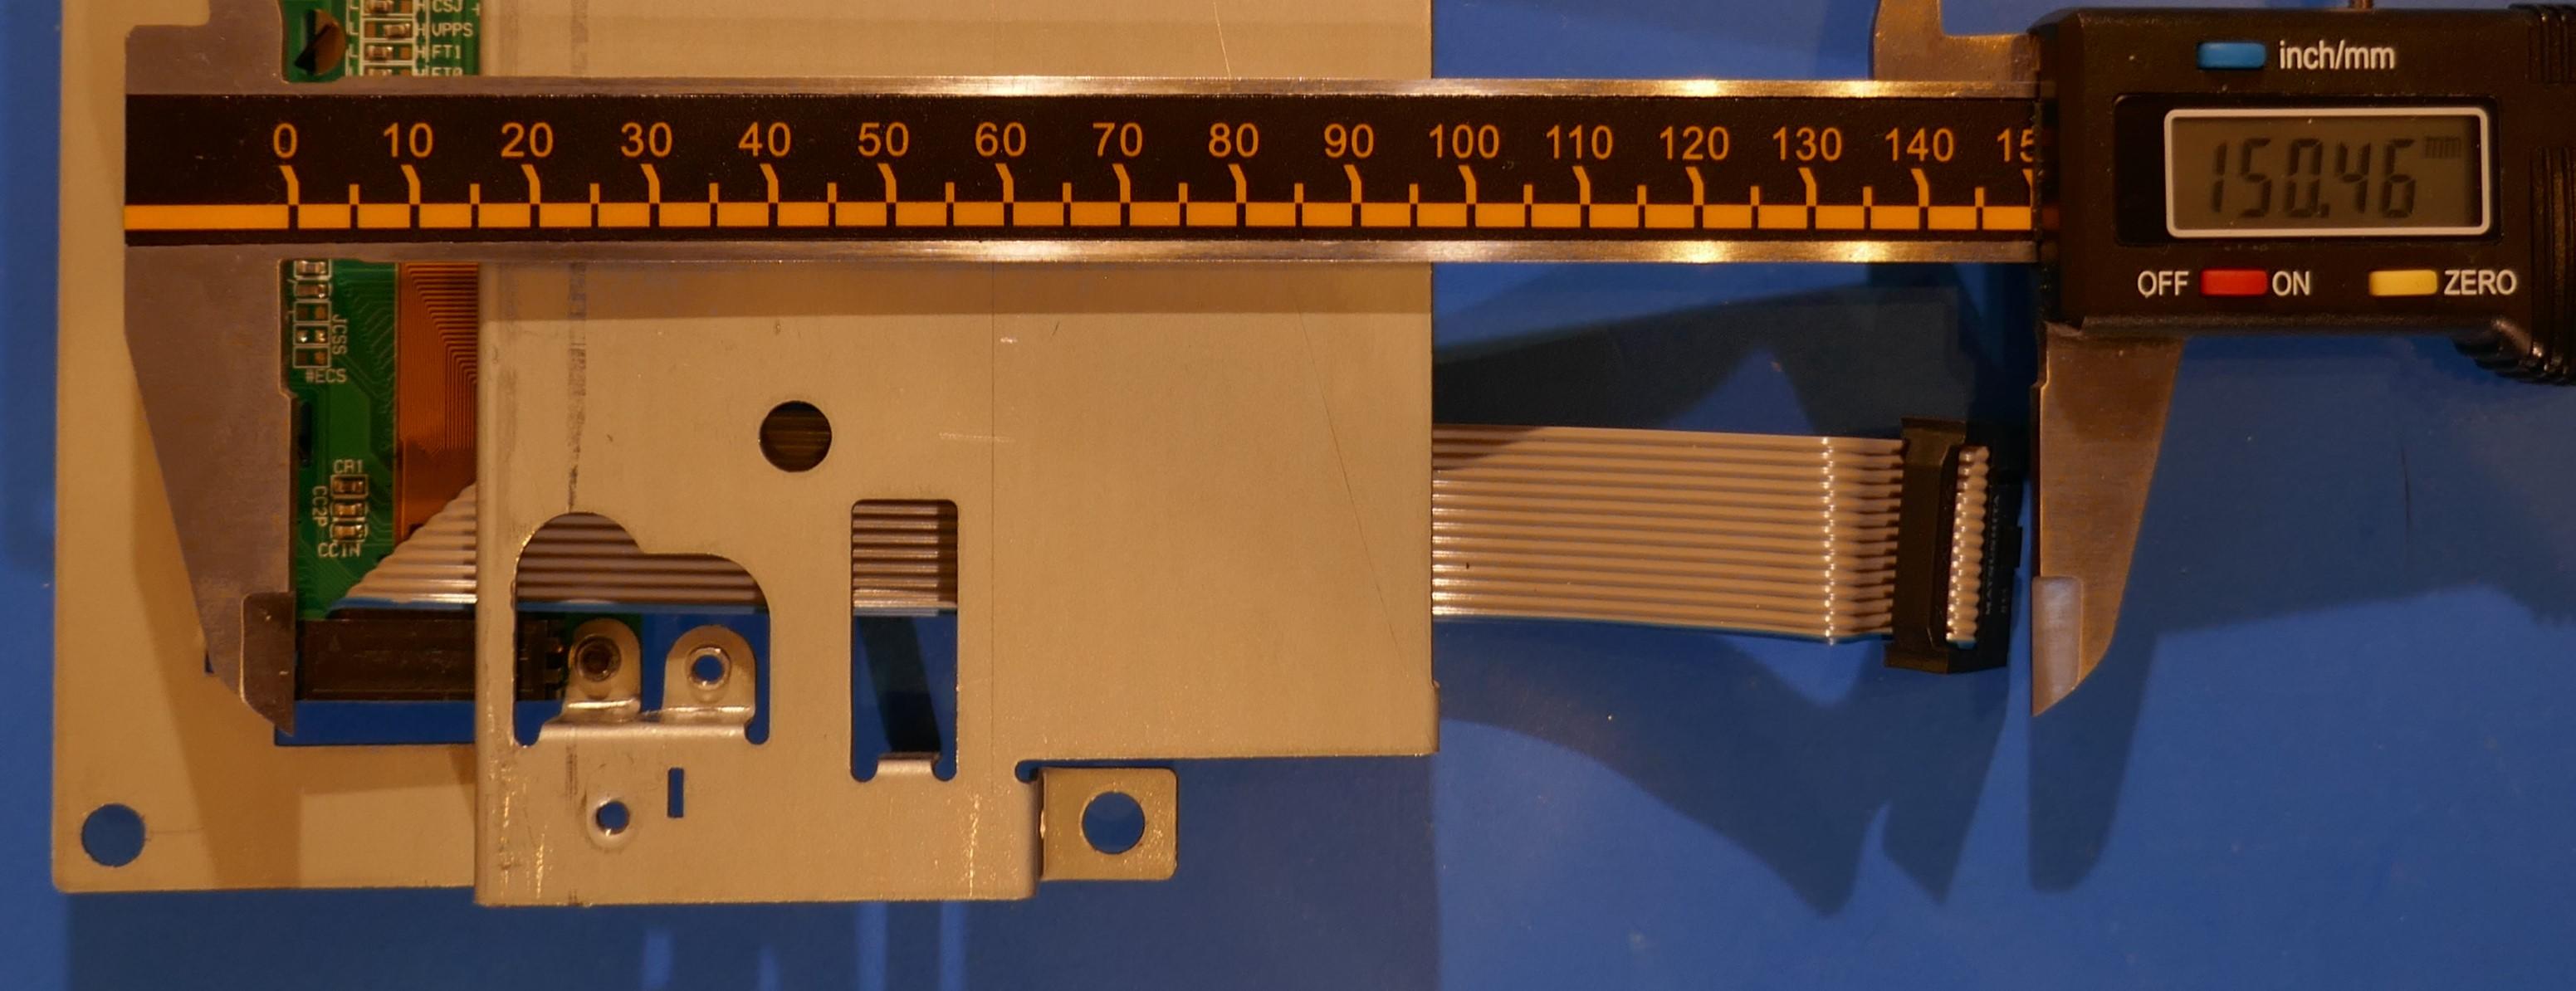 DX7IIFD-110